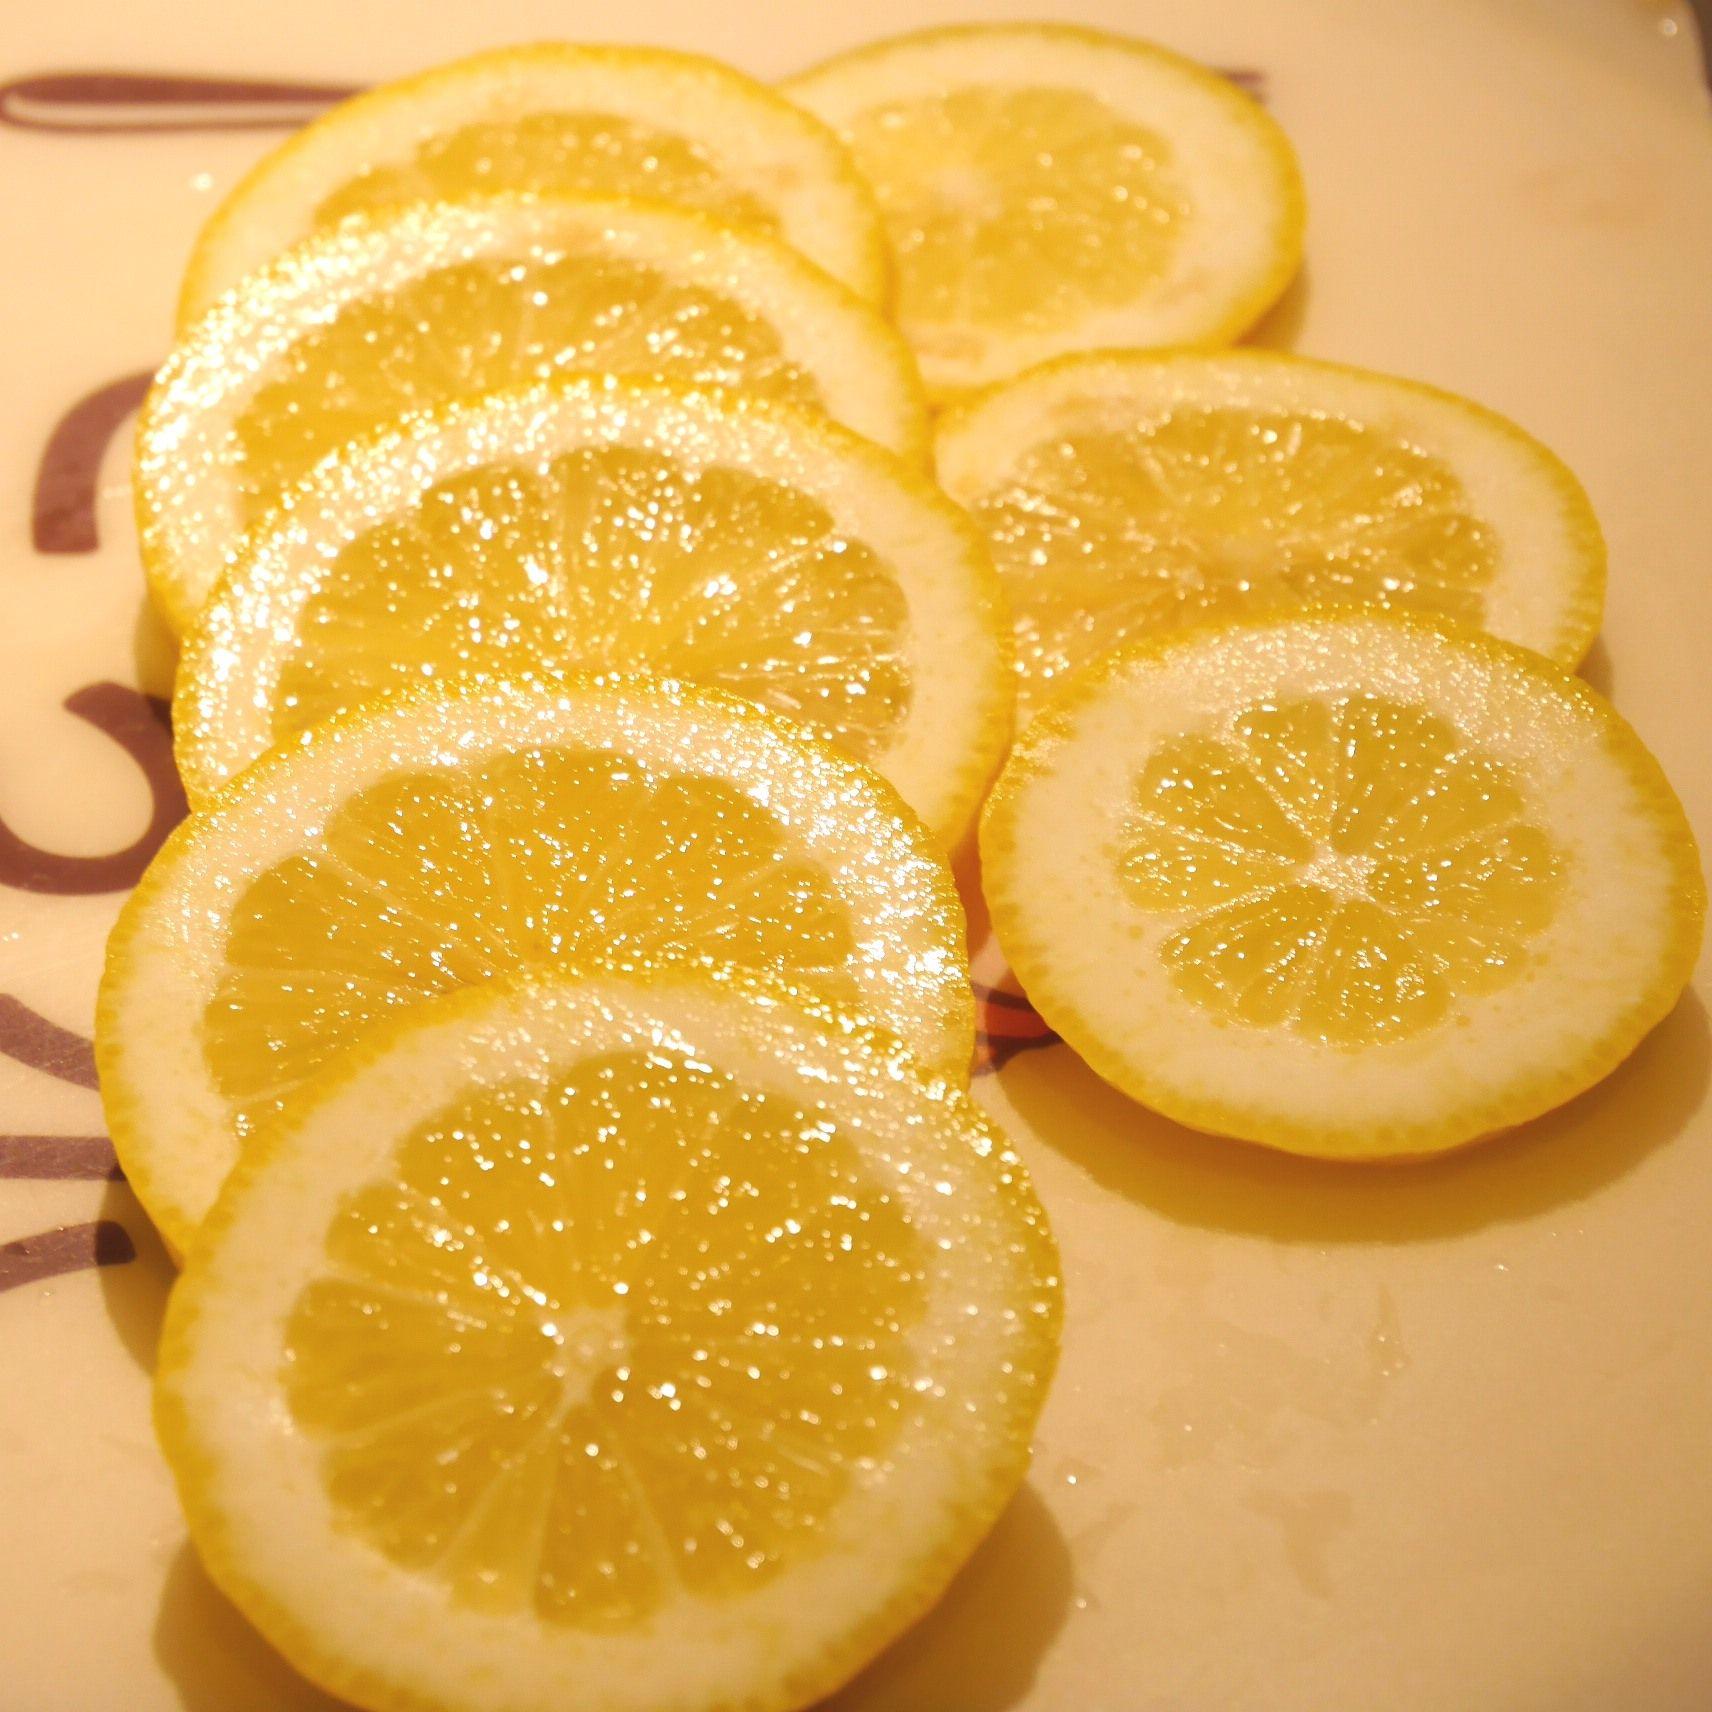 スモークサーモンのレモンマリネ_レモン断面